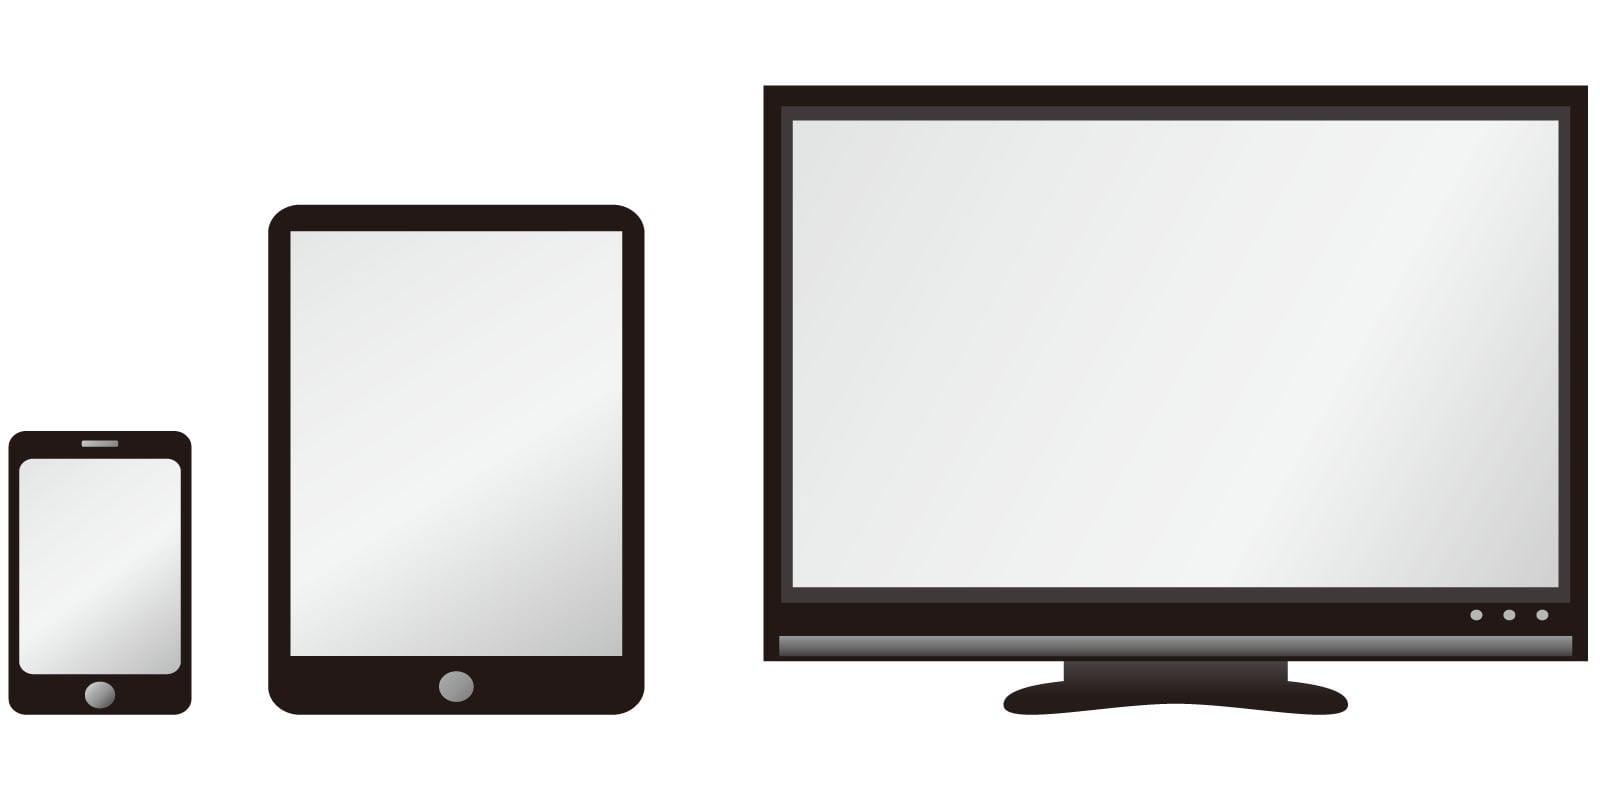 動画配信サービスの対応デバイス